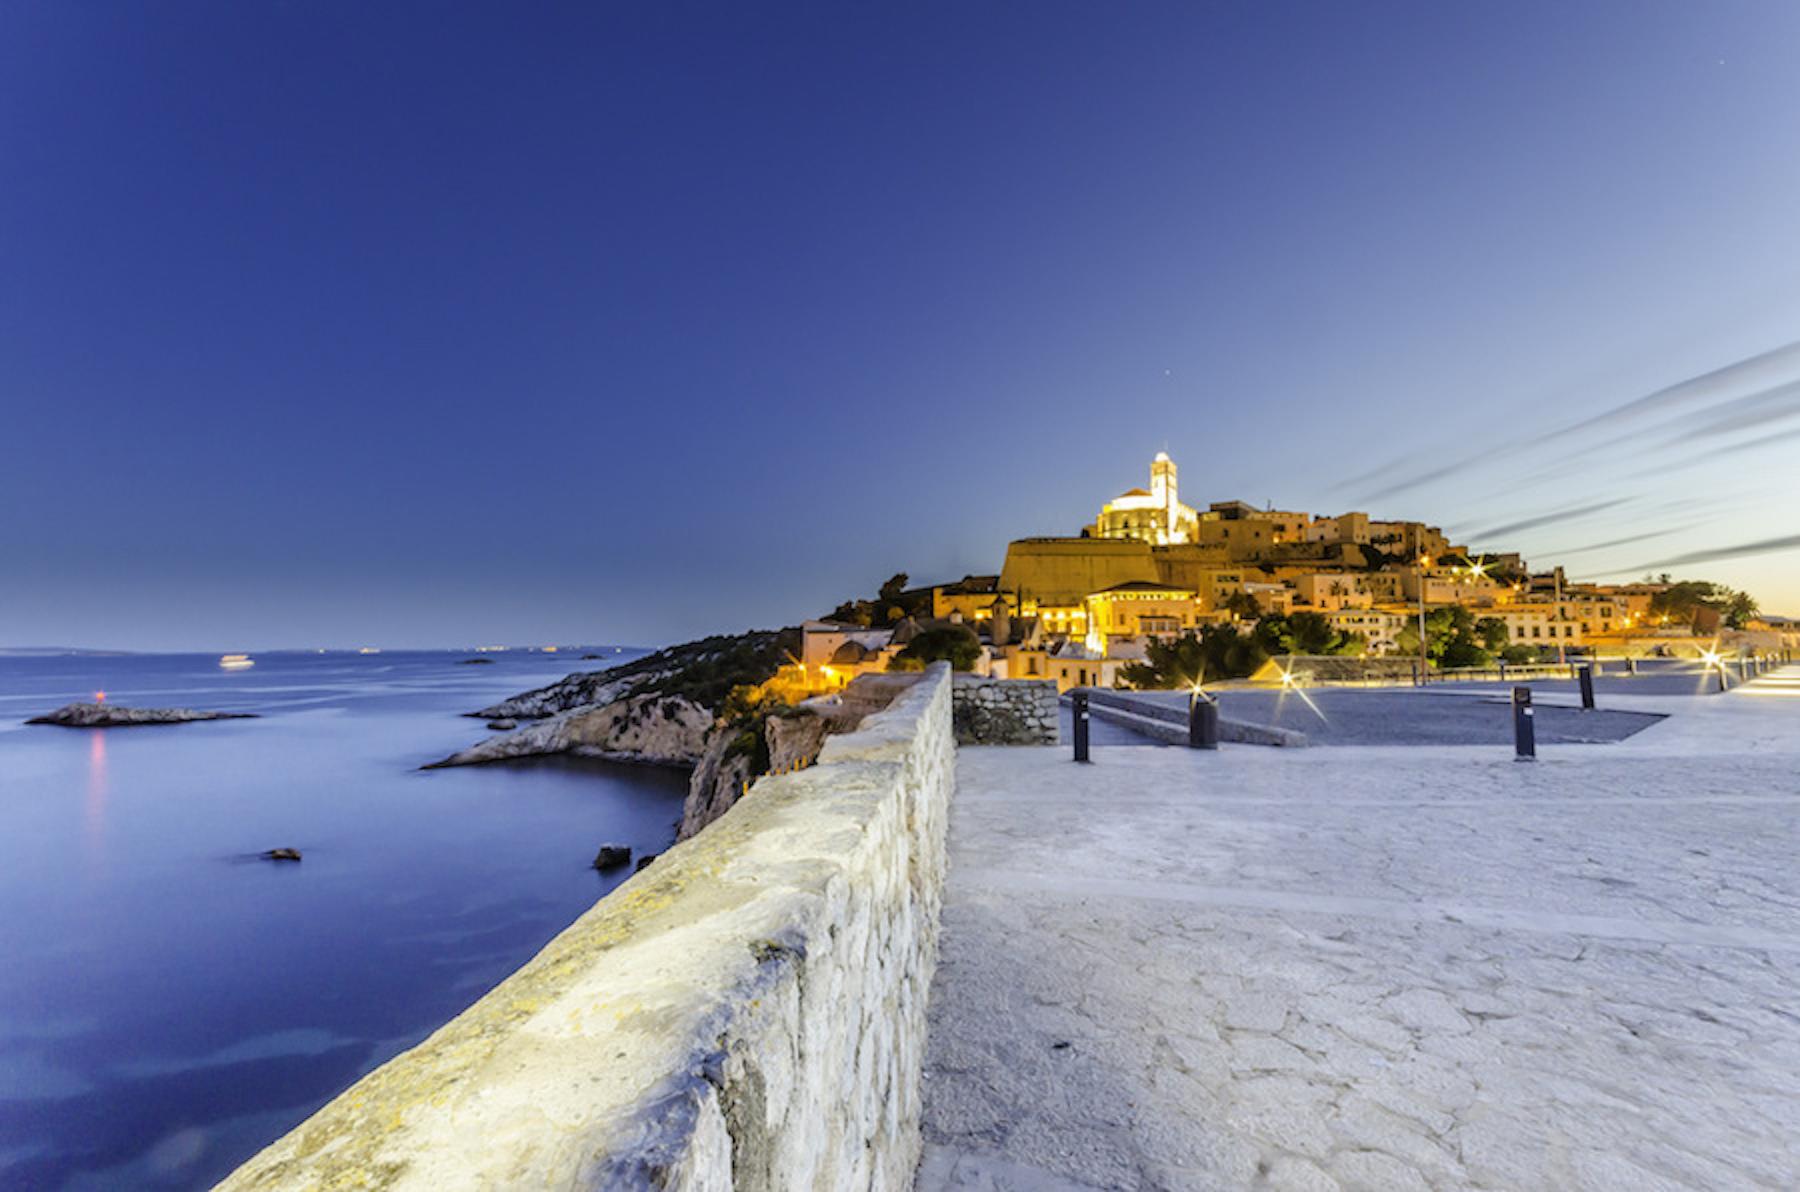 Crociera alle Baleari: una vacanza esclusiva e rilassante